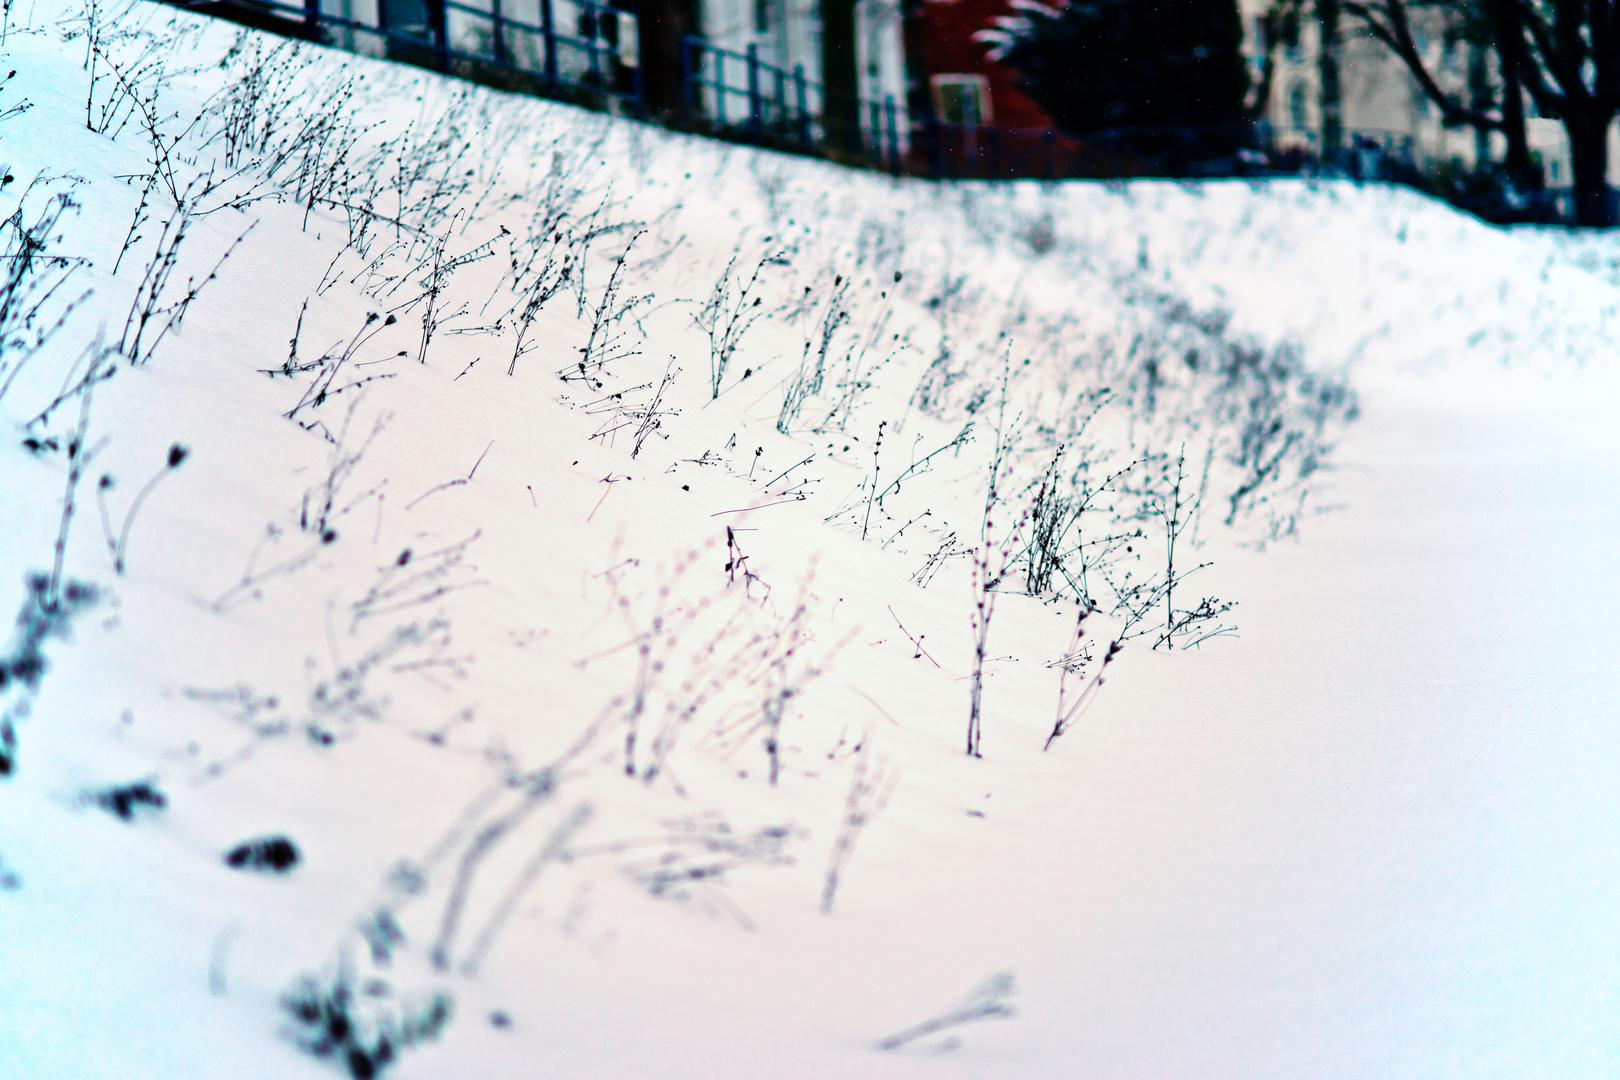 Durchbrochener Schnee